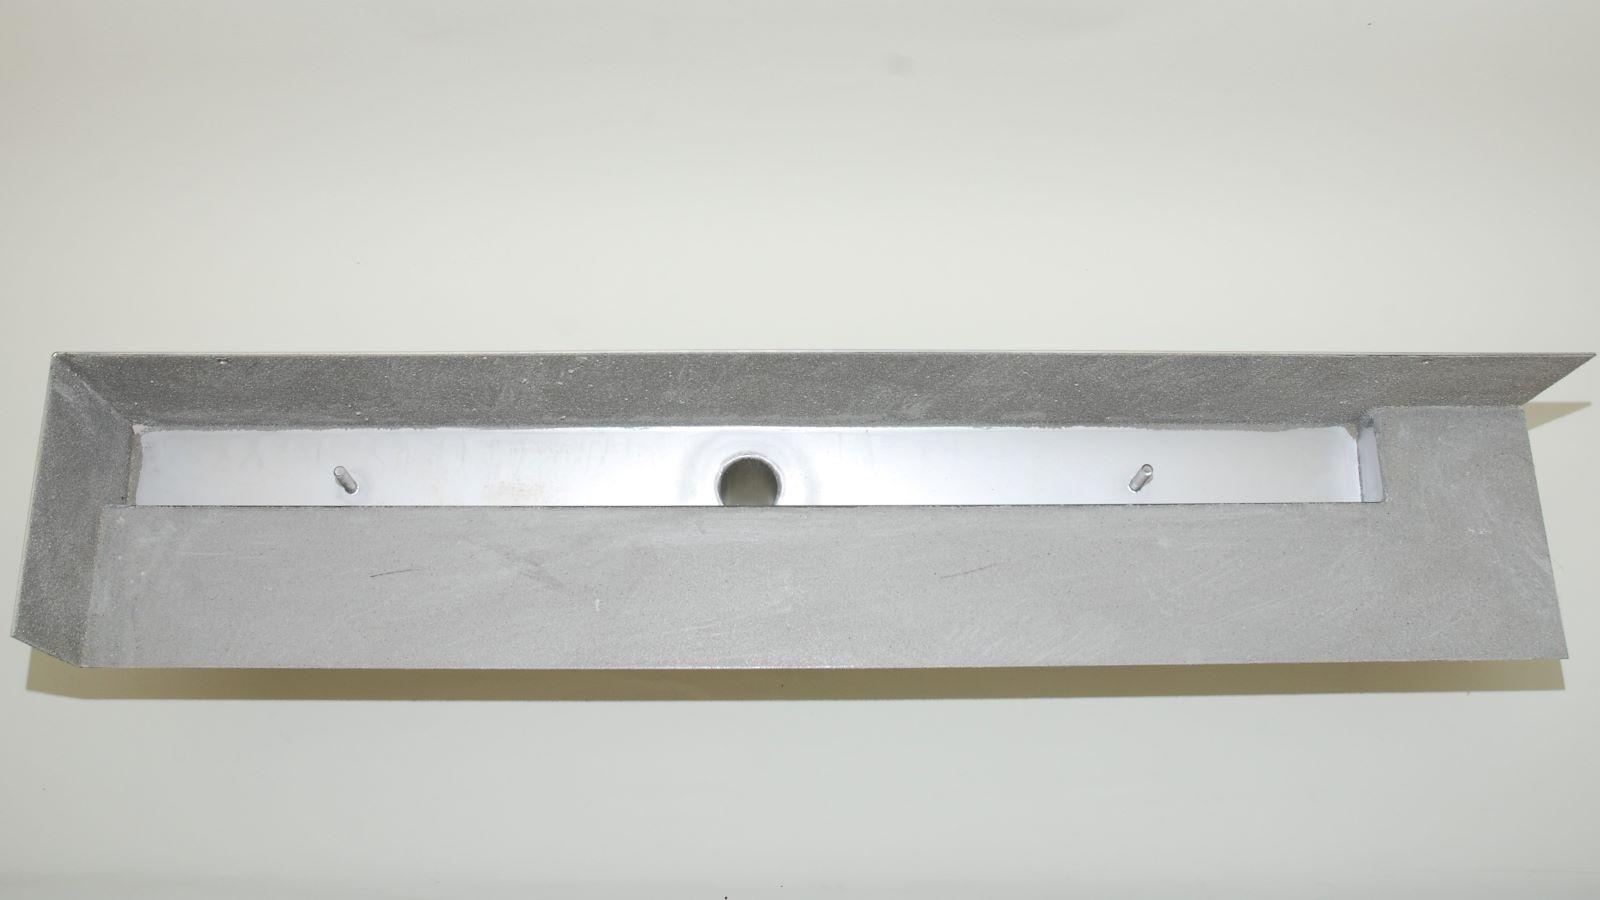 Dargestellt ist eine V4a edelstahl-duschrinne pro mit mittigem ablauf.